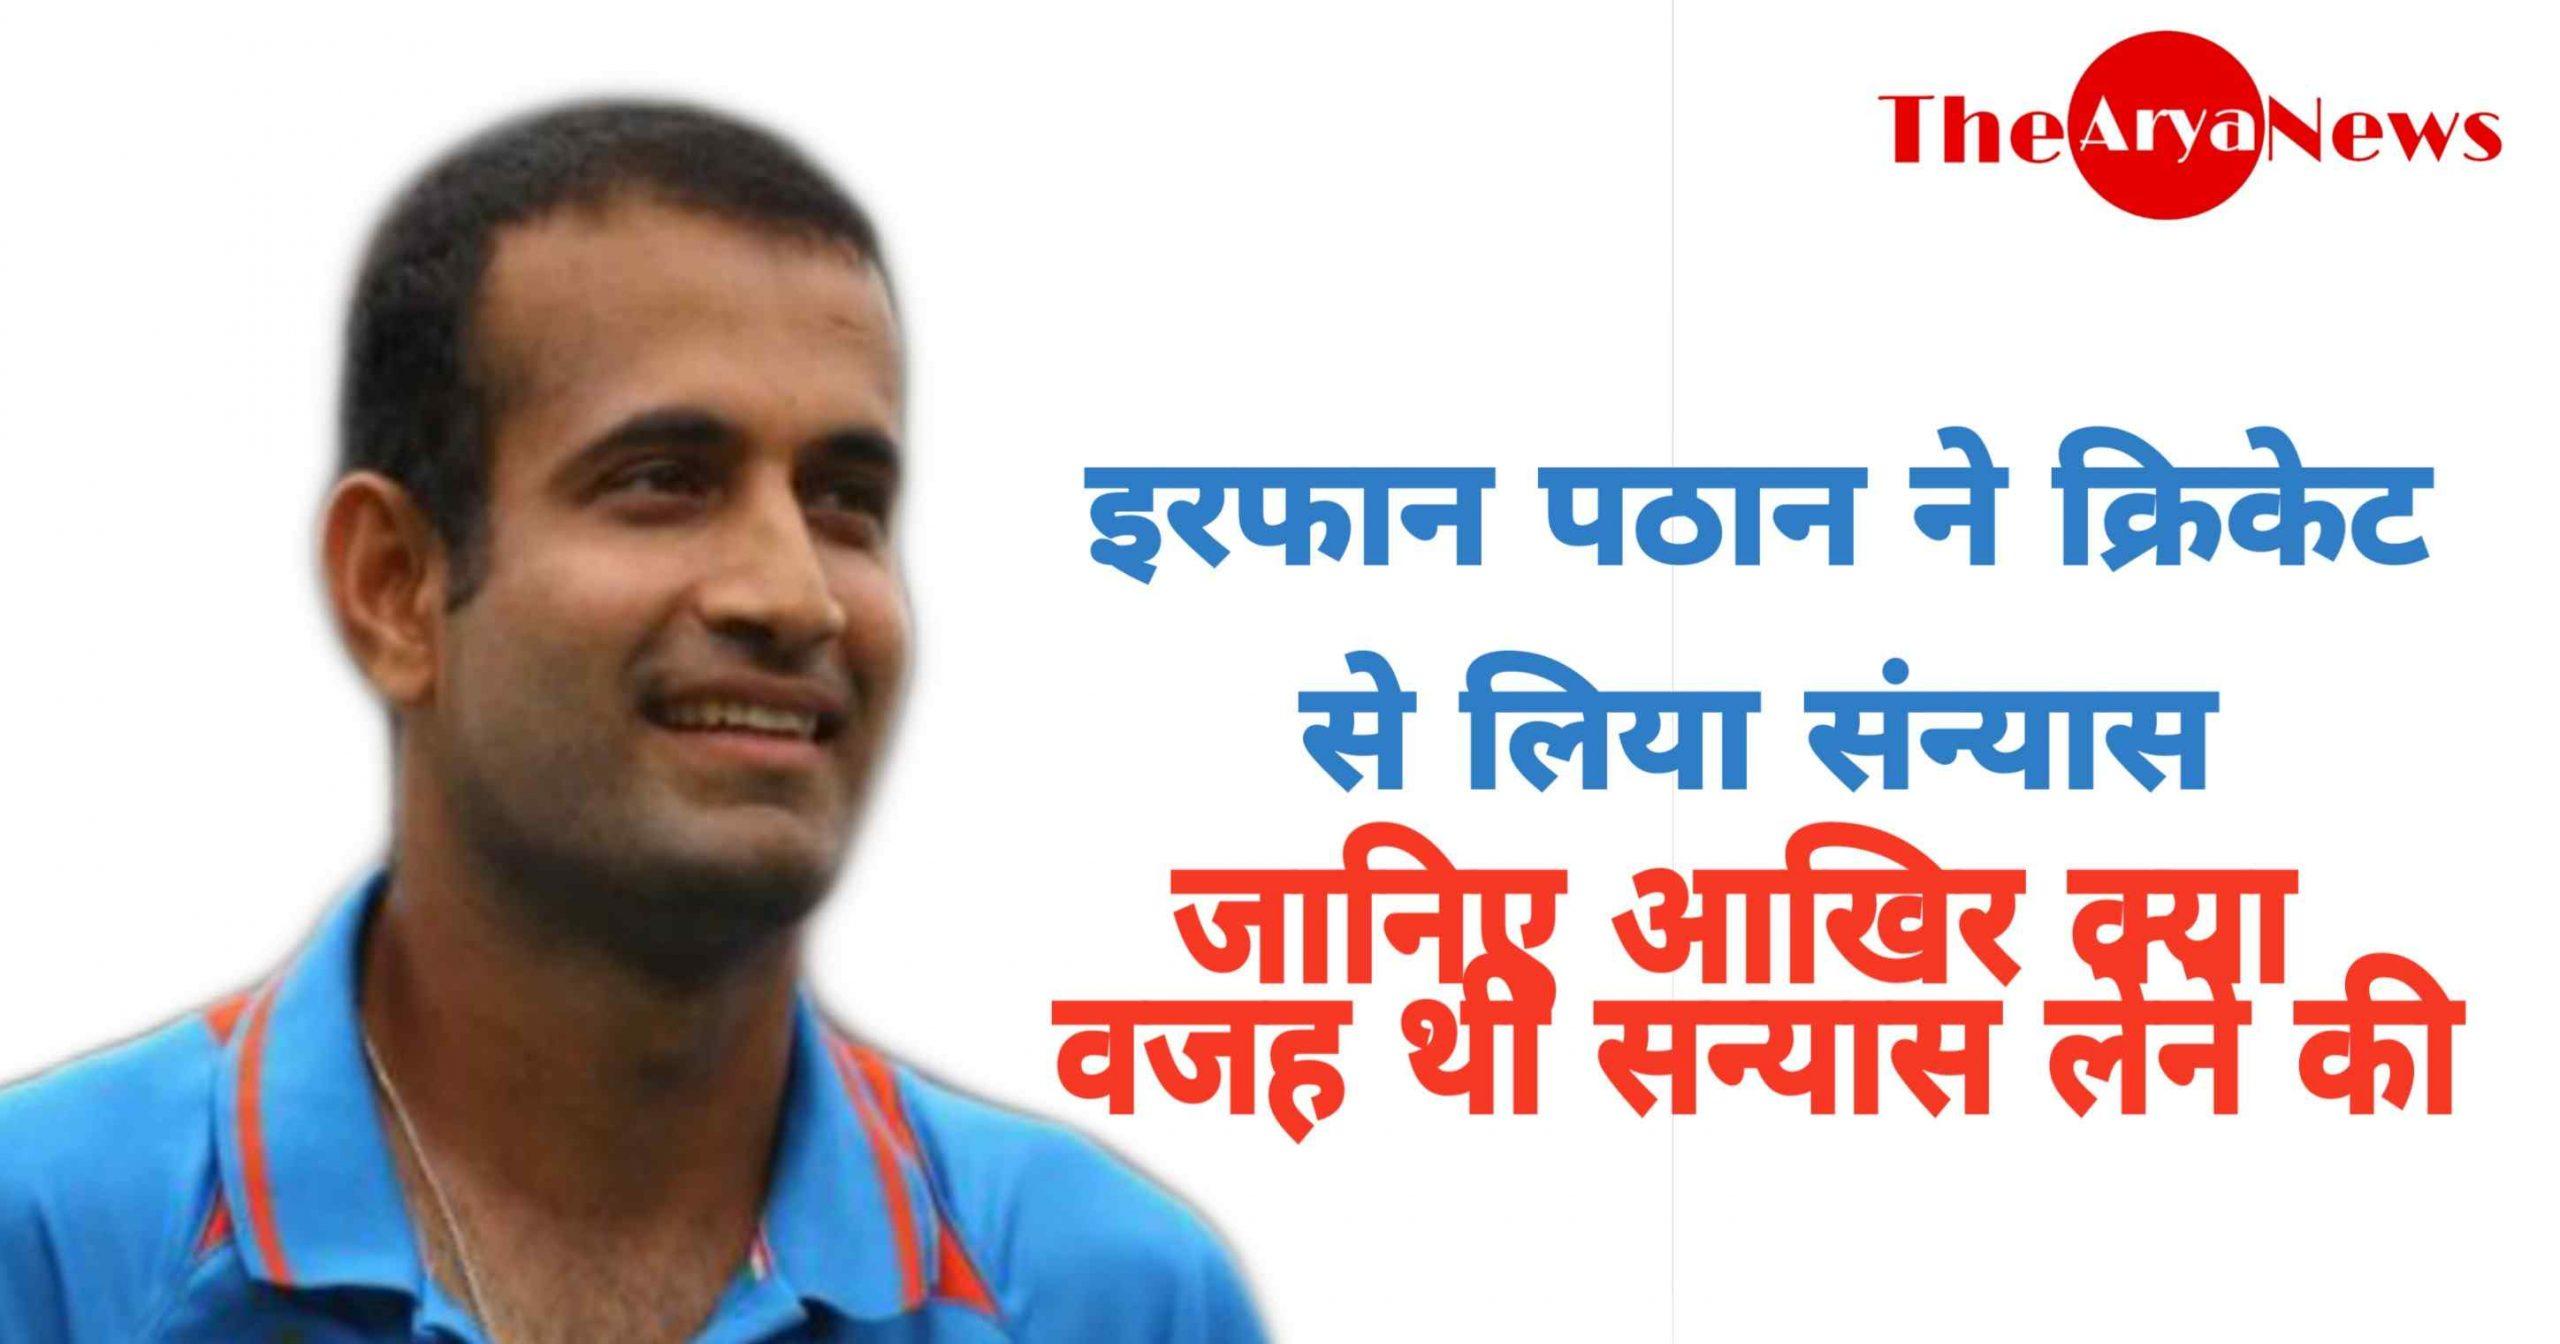 Irfan Pathan retired from cricket | जानिए आखिर क्या वजह थी संन्यास लेने की [HINDI]